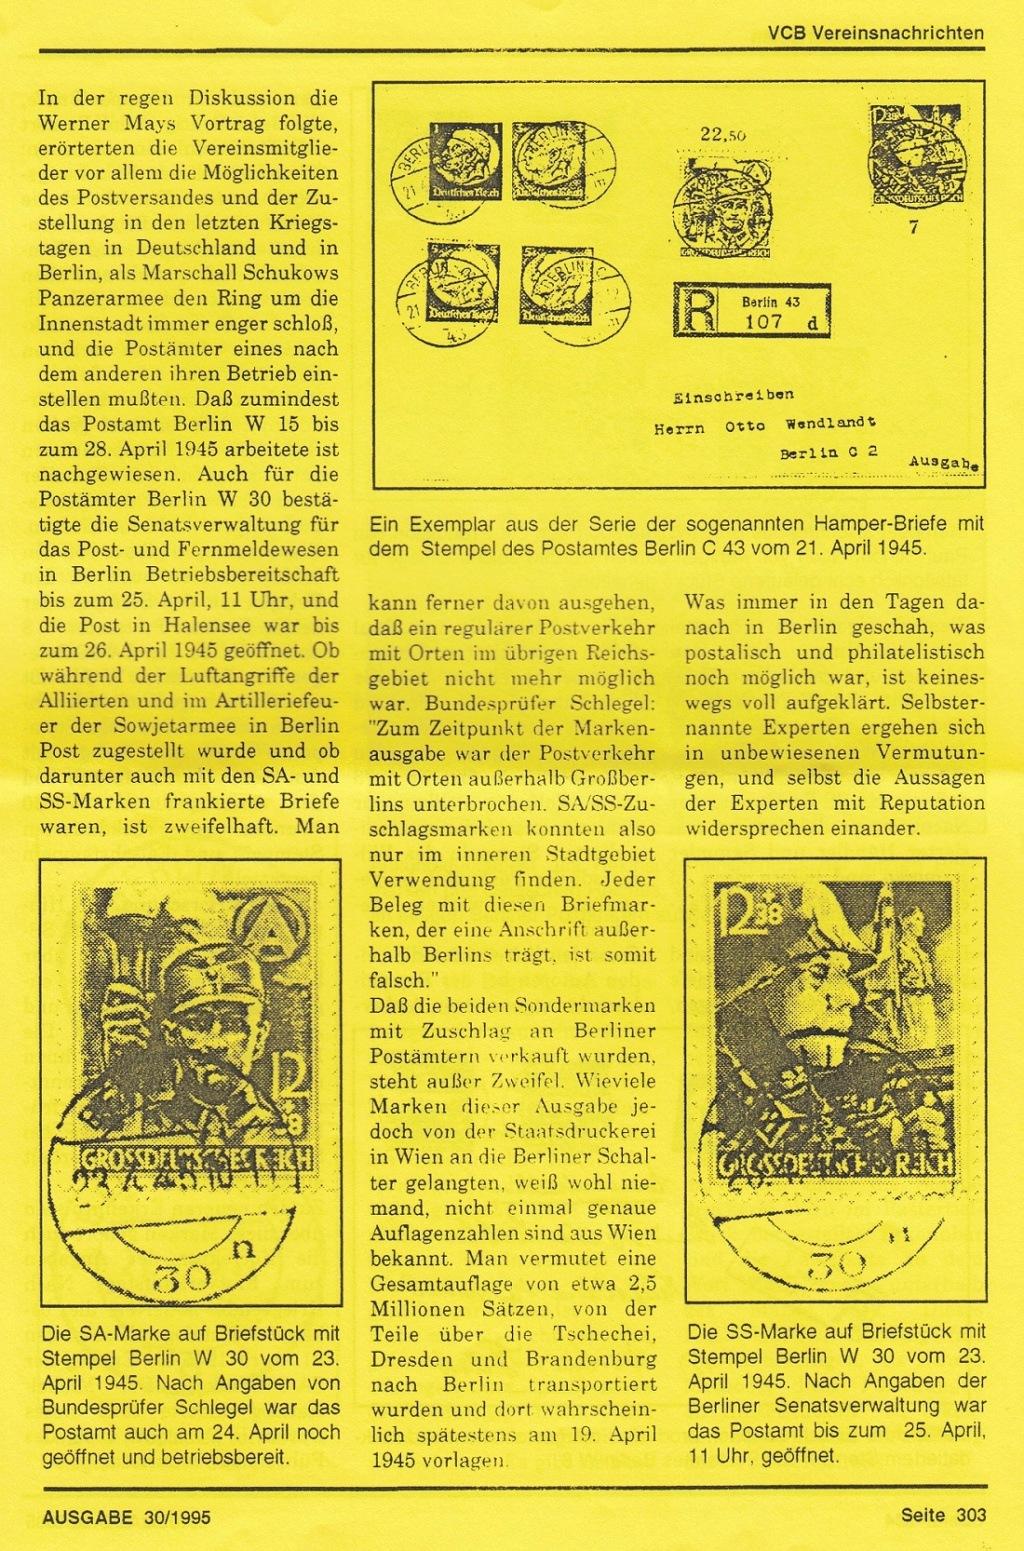 """Deutsches Reich von 1933 bis 1945 """"in einer ausgesuchten Perspektive"""" - Seite 2 Drc10"""